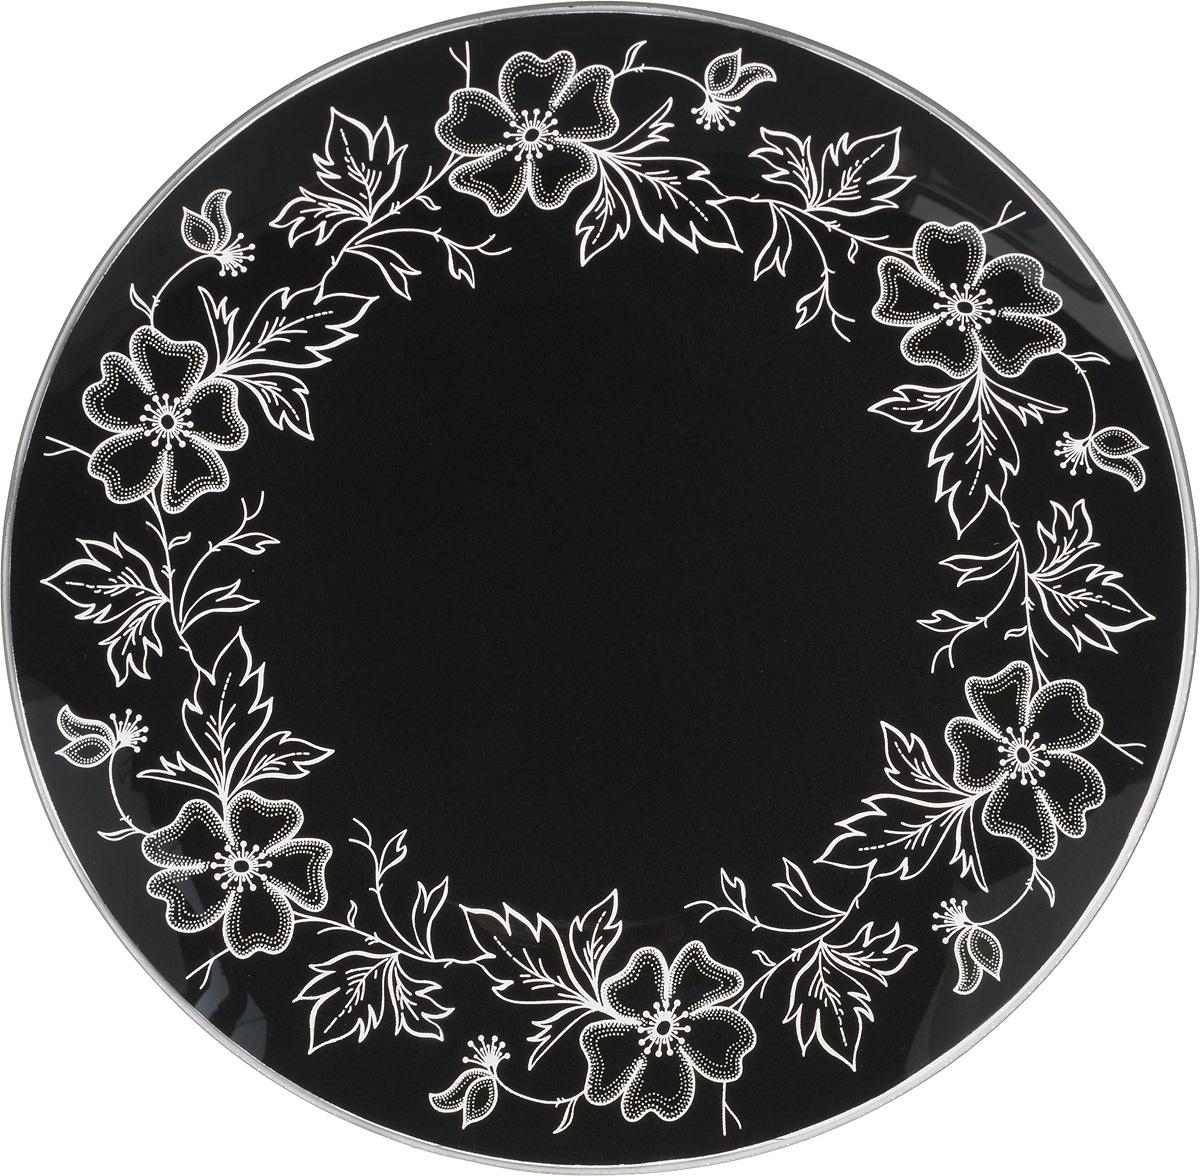 Тарелка NiNaGlass Лара, цвет: черный, диаметр 20 см115610Тарелка NiNaGlass Лара выполнена из высококачественного стекла и оформлена красивым цветочным узором. Тарелка идеальна для подачи вторых блюд, а также сервировки закусок, нарезок, салатов, овощей и фруктов. Она отлично подойдет как для повседневных, так и для торжественных случаев.Такая тарелка прекрасно впишется в интерьер вашей кухни и станет достойным дополнением к кухонному инвентарю.